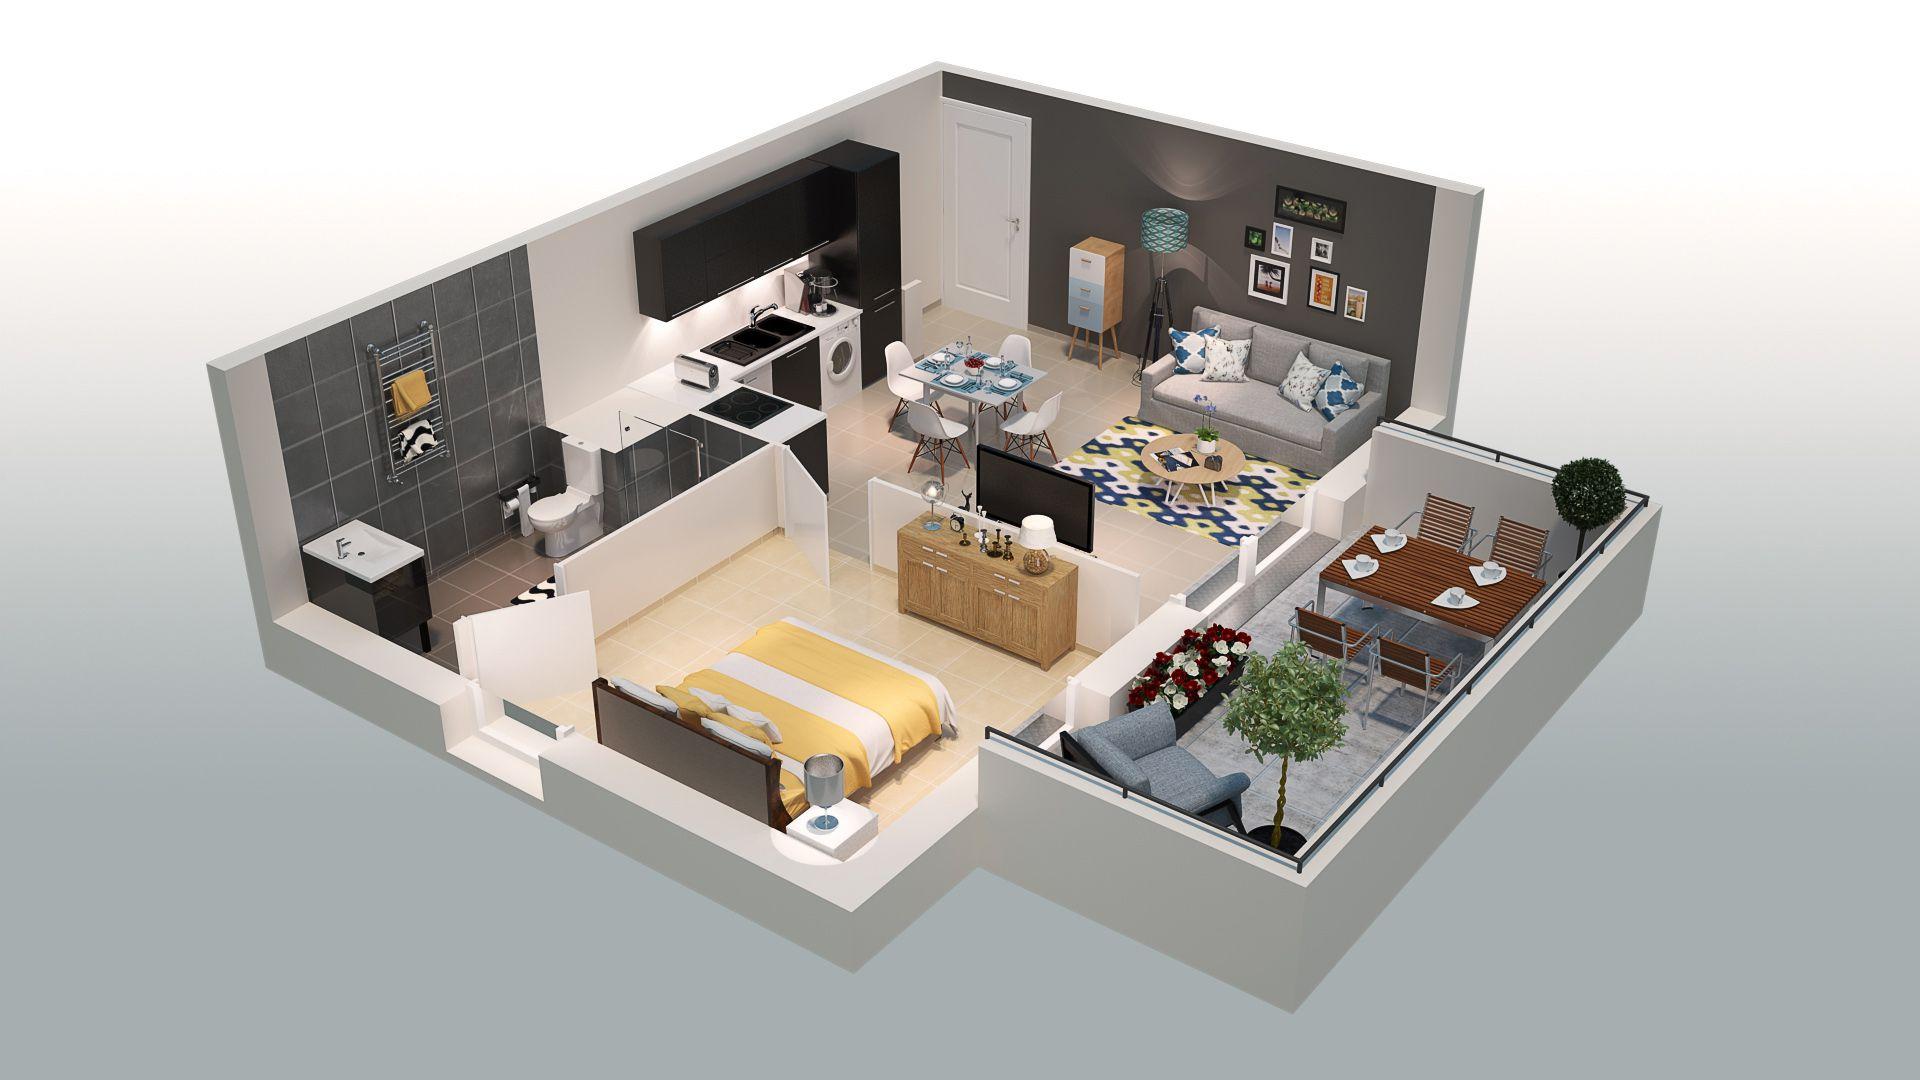 Les terrasses du jonquier programme immobilier neuf orange - Plan appartement 40m2 ...